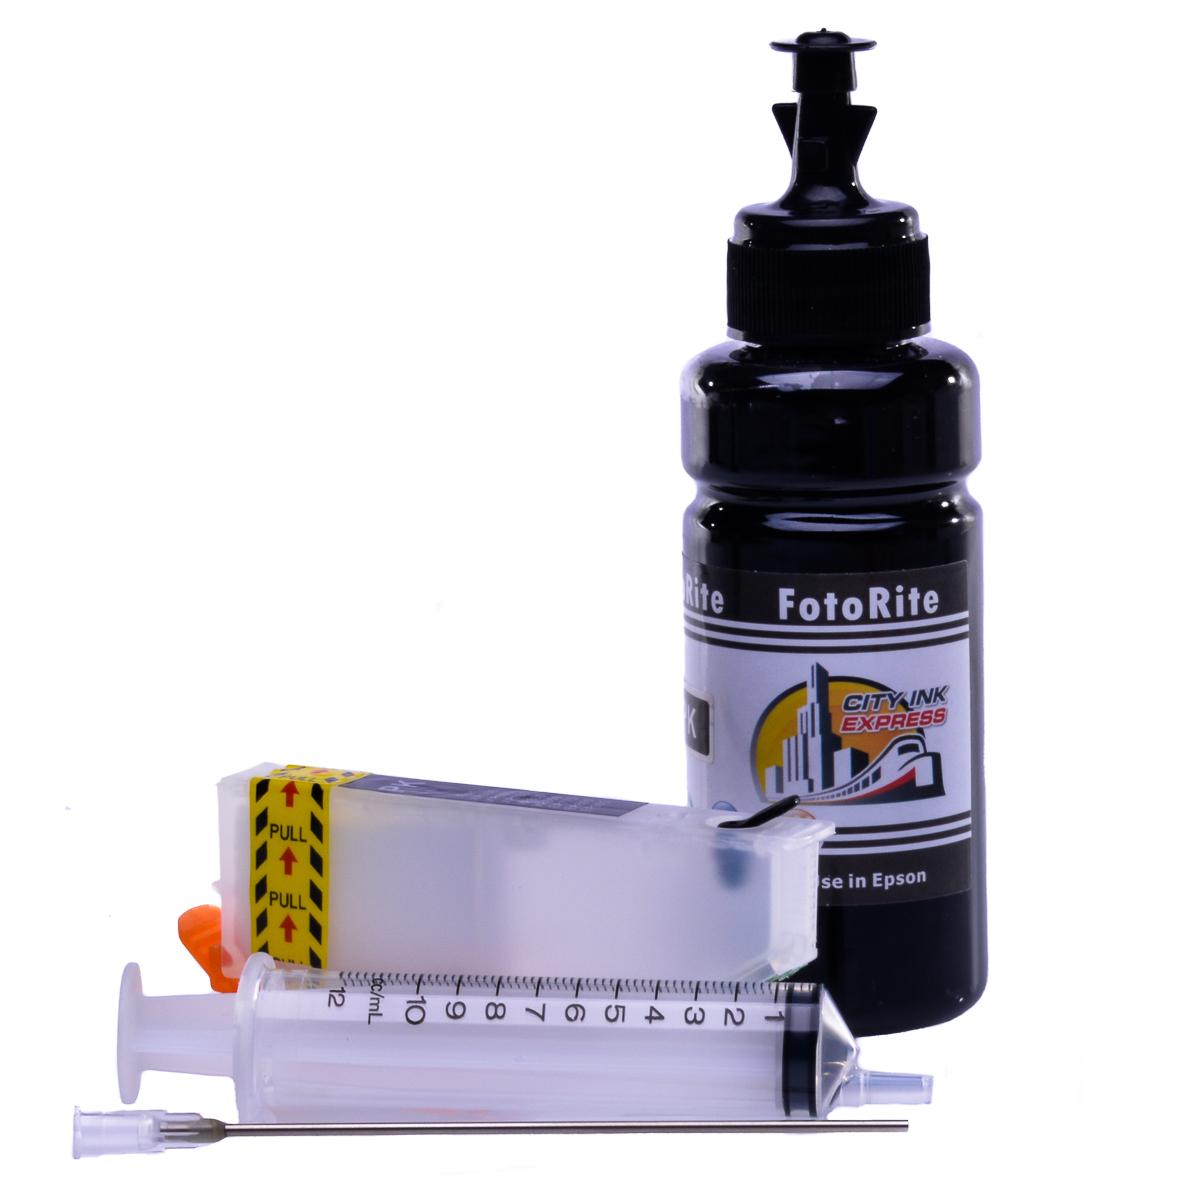 Refillable T2431,T2421 Black Cheap printer cartridges for Epson XP-750 C13T24314010 dye ink